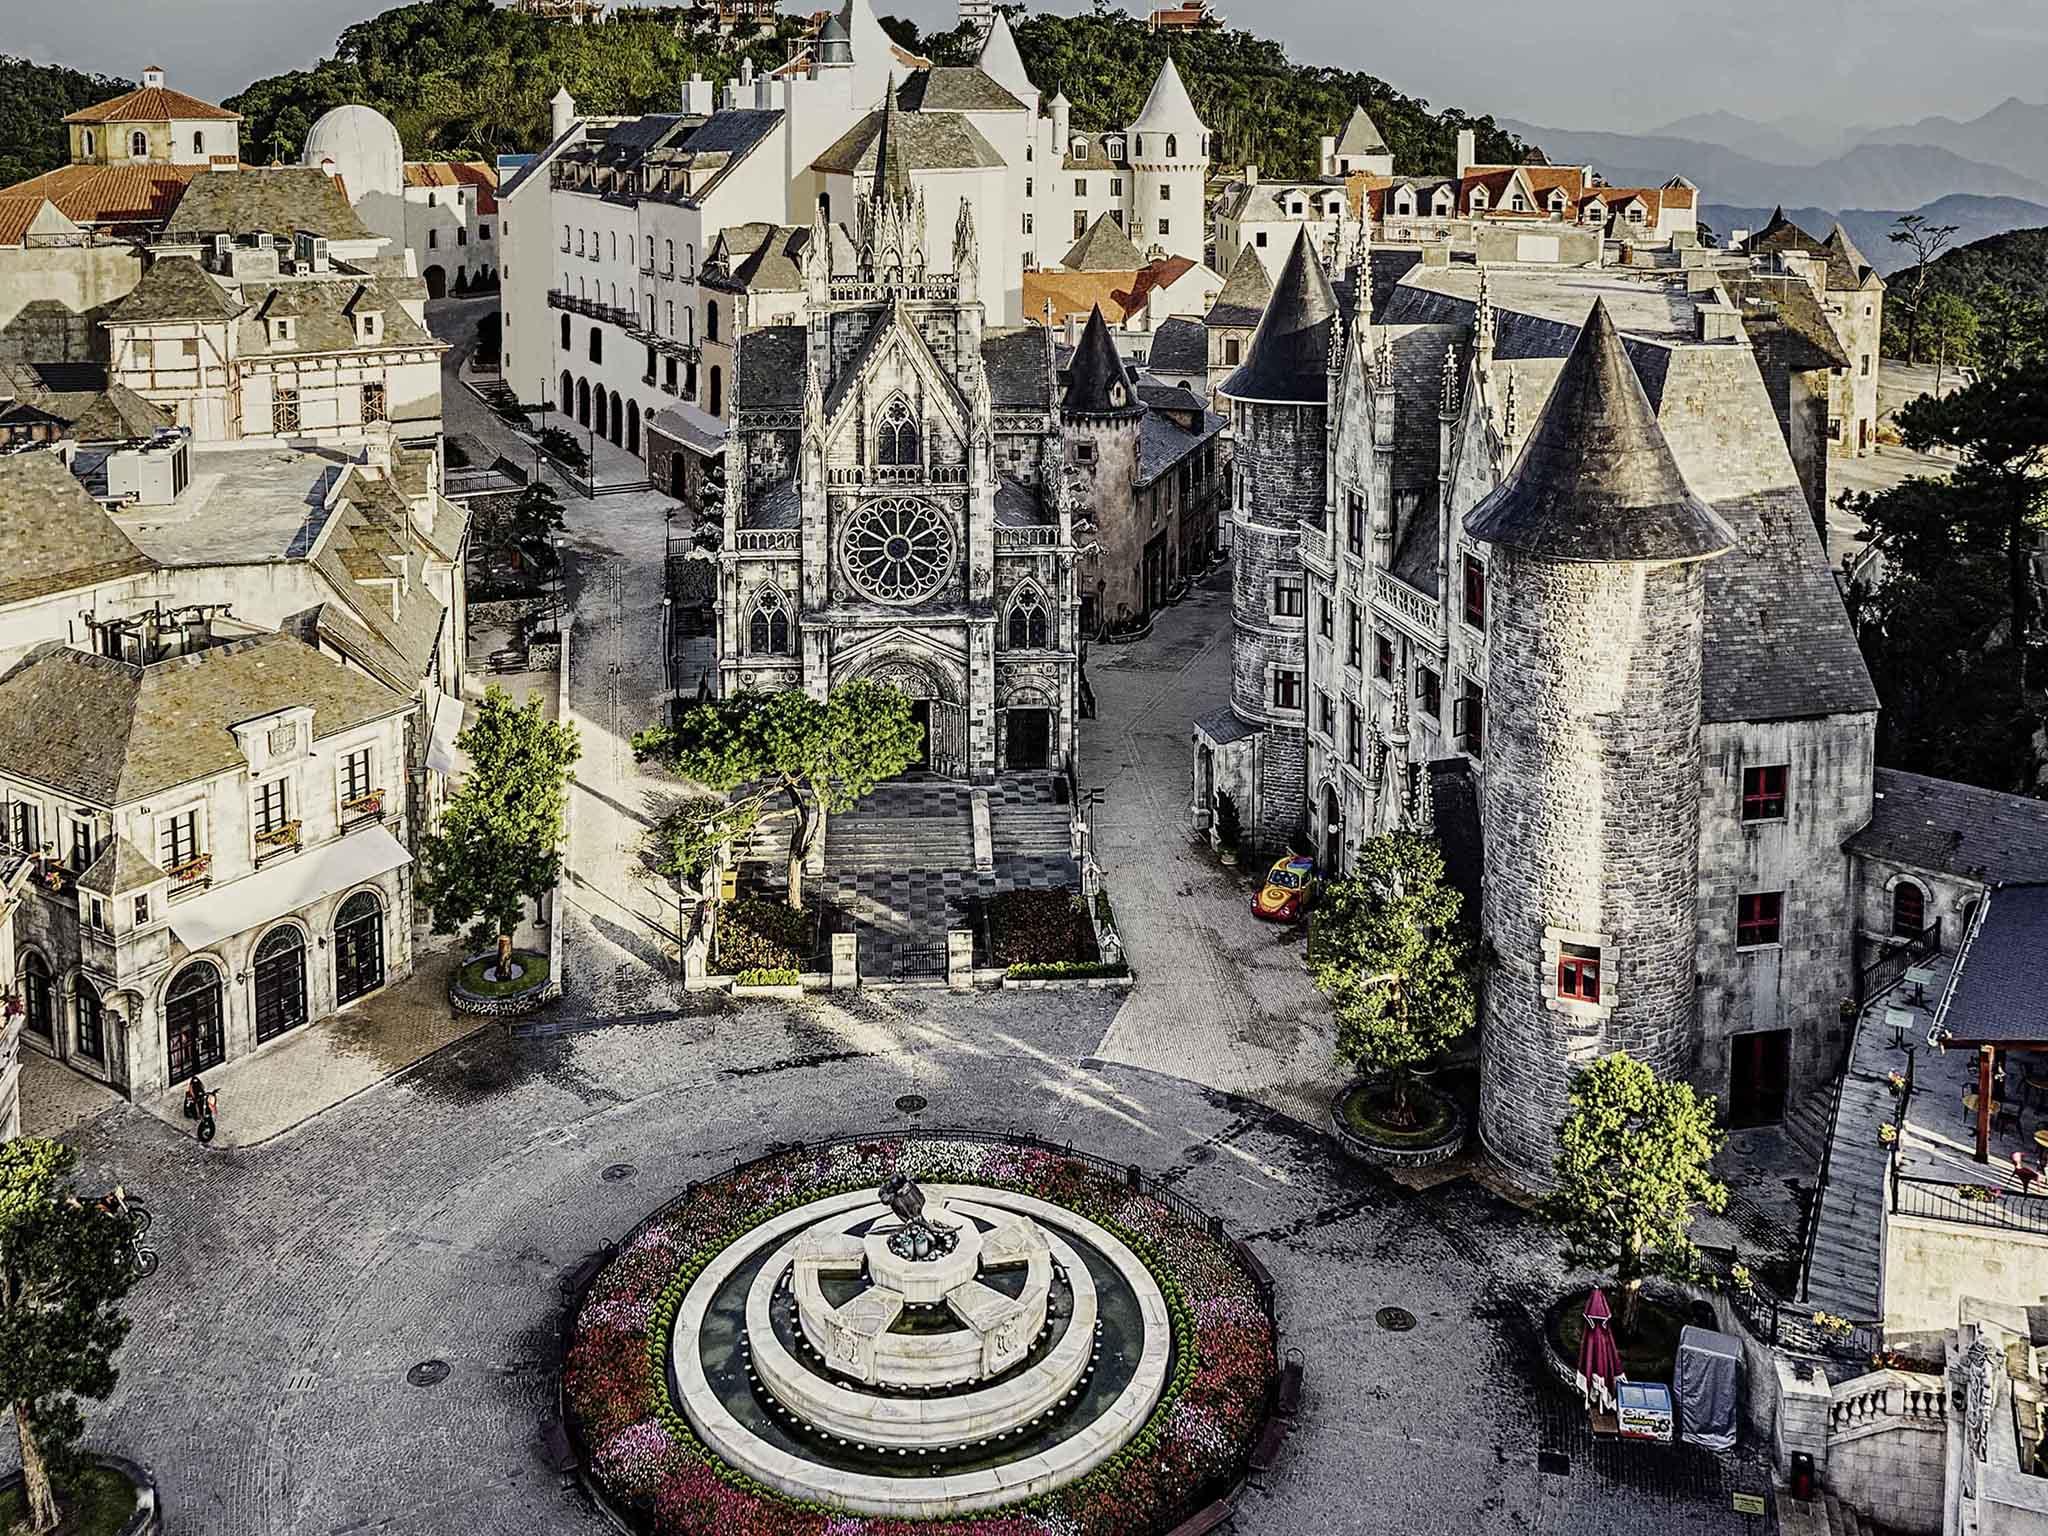 โรงแรม – เมอร์เคียว ดานัง เฟรนช์ วิลเลจ บาน่า ฮิลส์